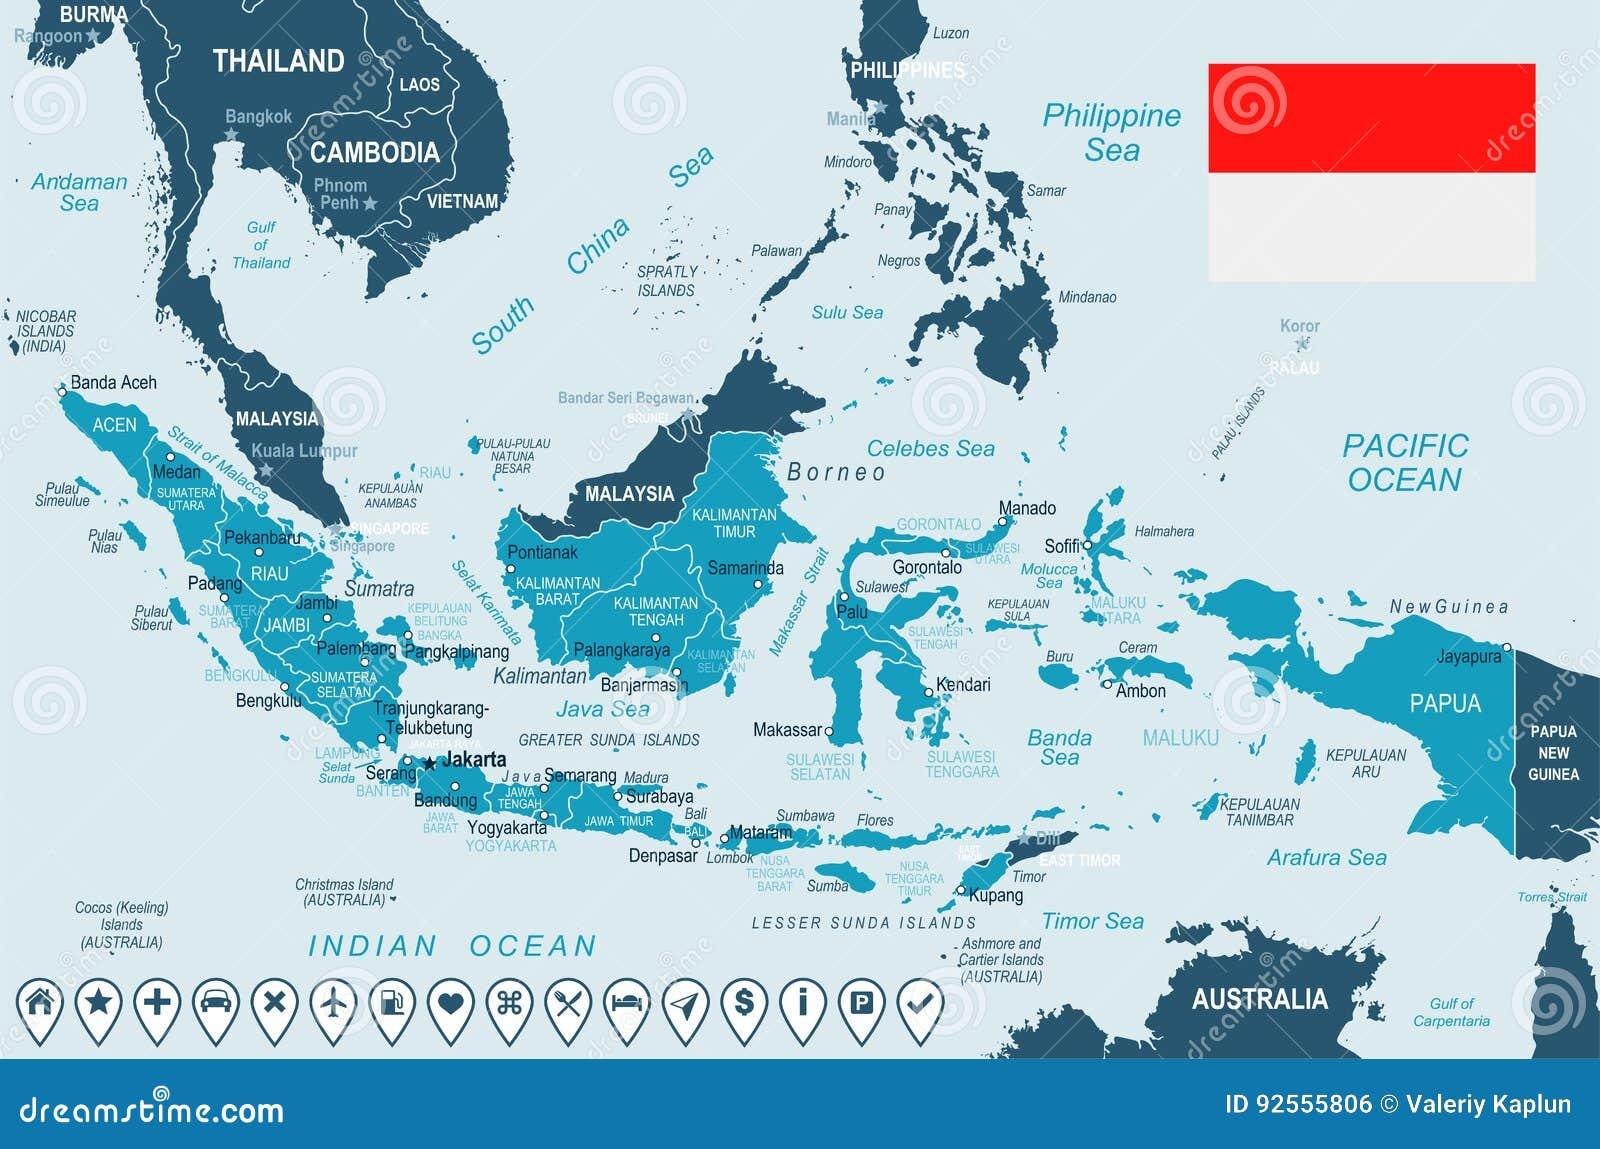 Indonesien Karte.Indonesien Karte Und Flagge Illustration Stock Abbildung